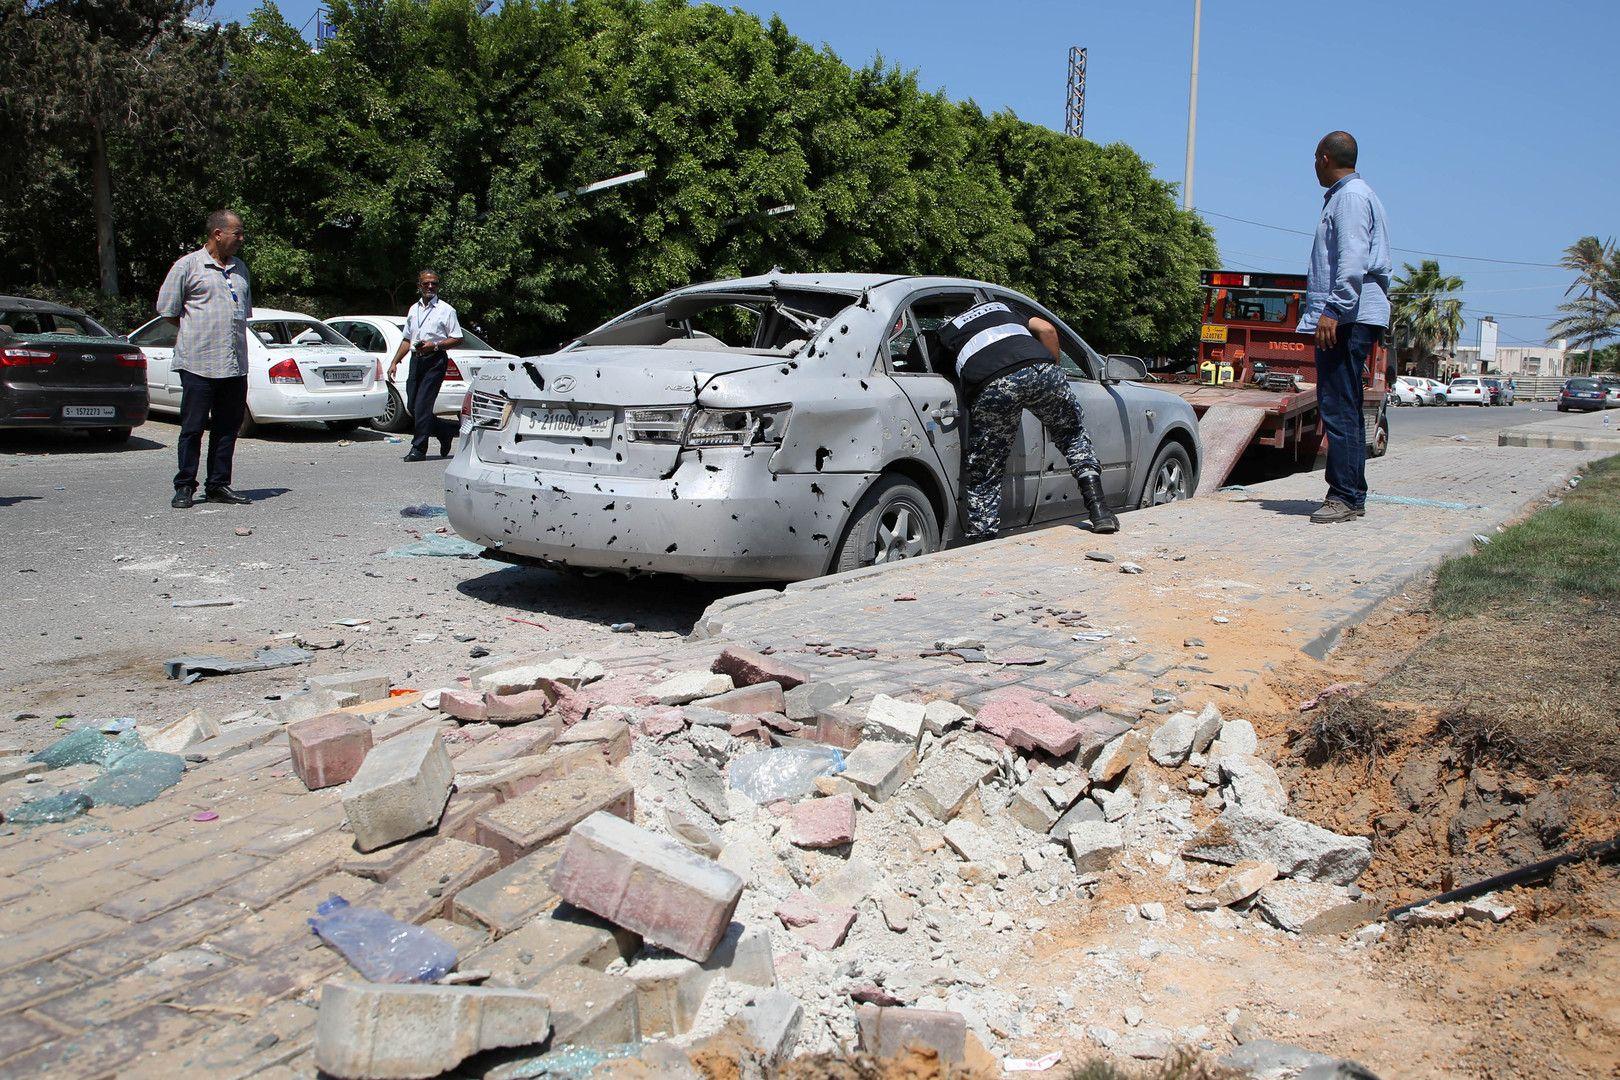 الوفاق الليبية تتهم الإمارات بقتل 3 مدنيين في قصف جوي جنوبي طرابلس